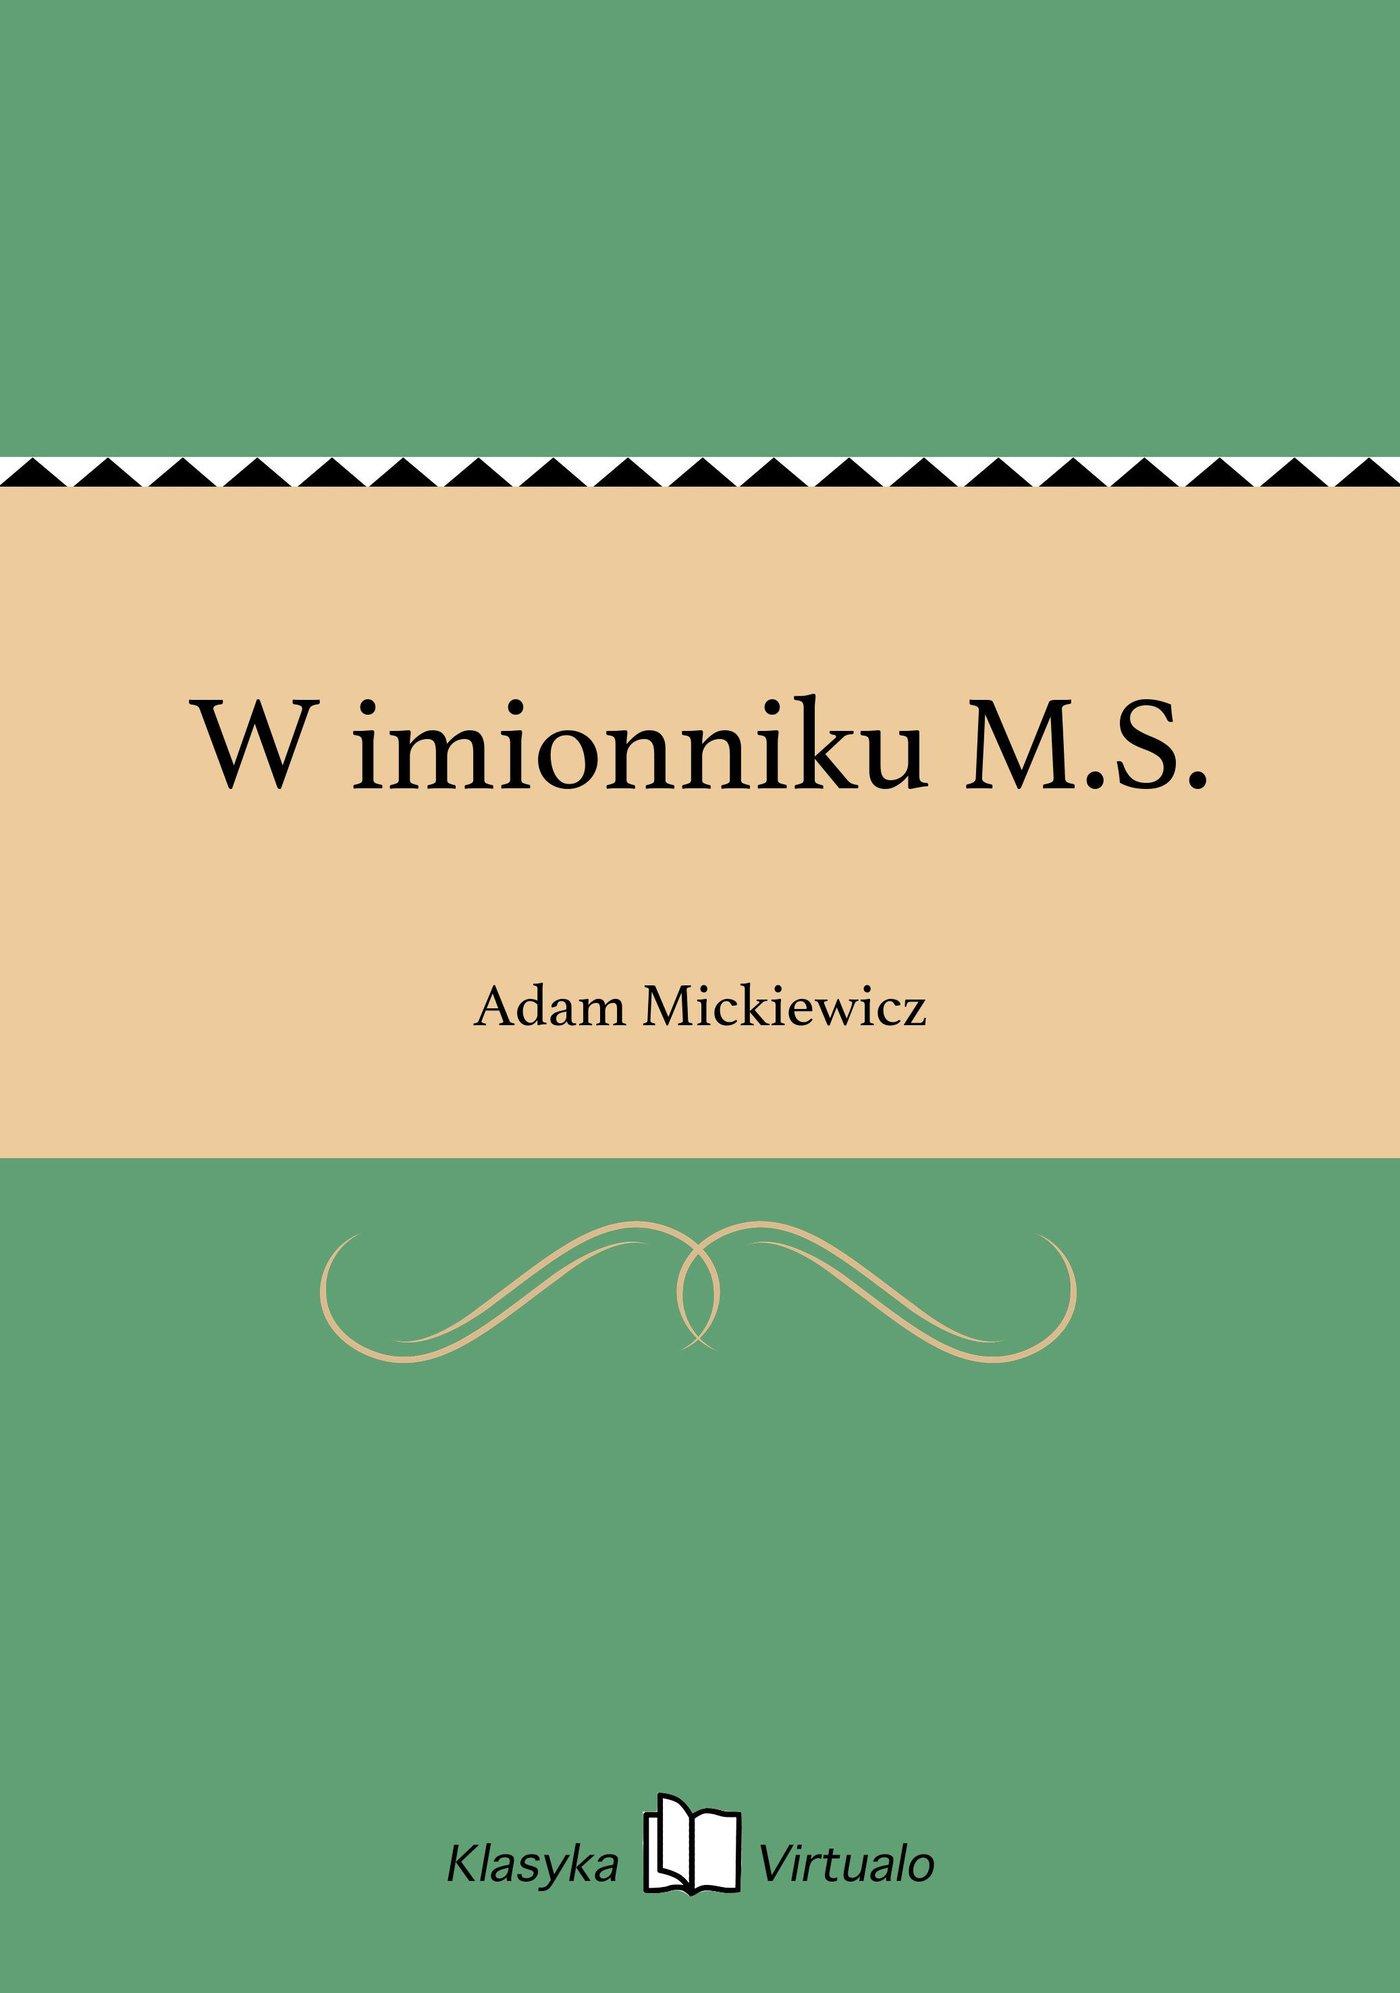 W imionniku M.S. - Ebook (Książka EPUB) do pobrania w formacie EPUB